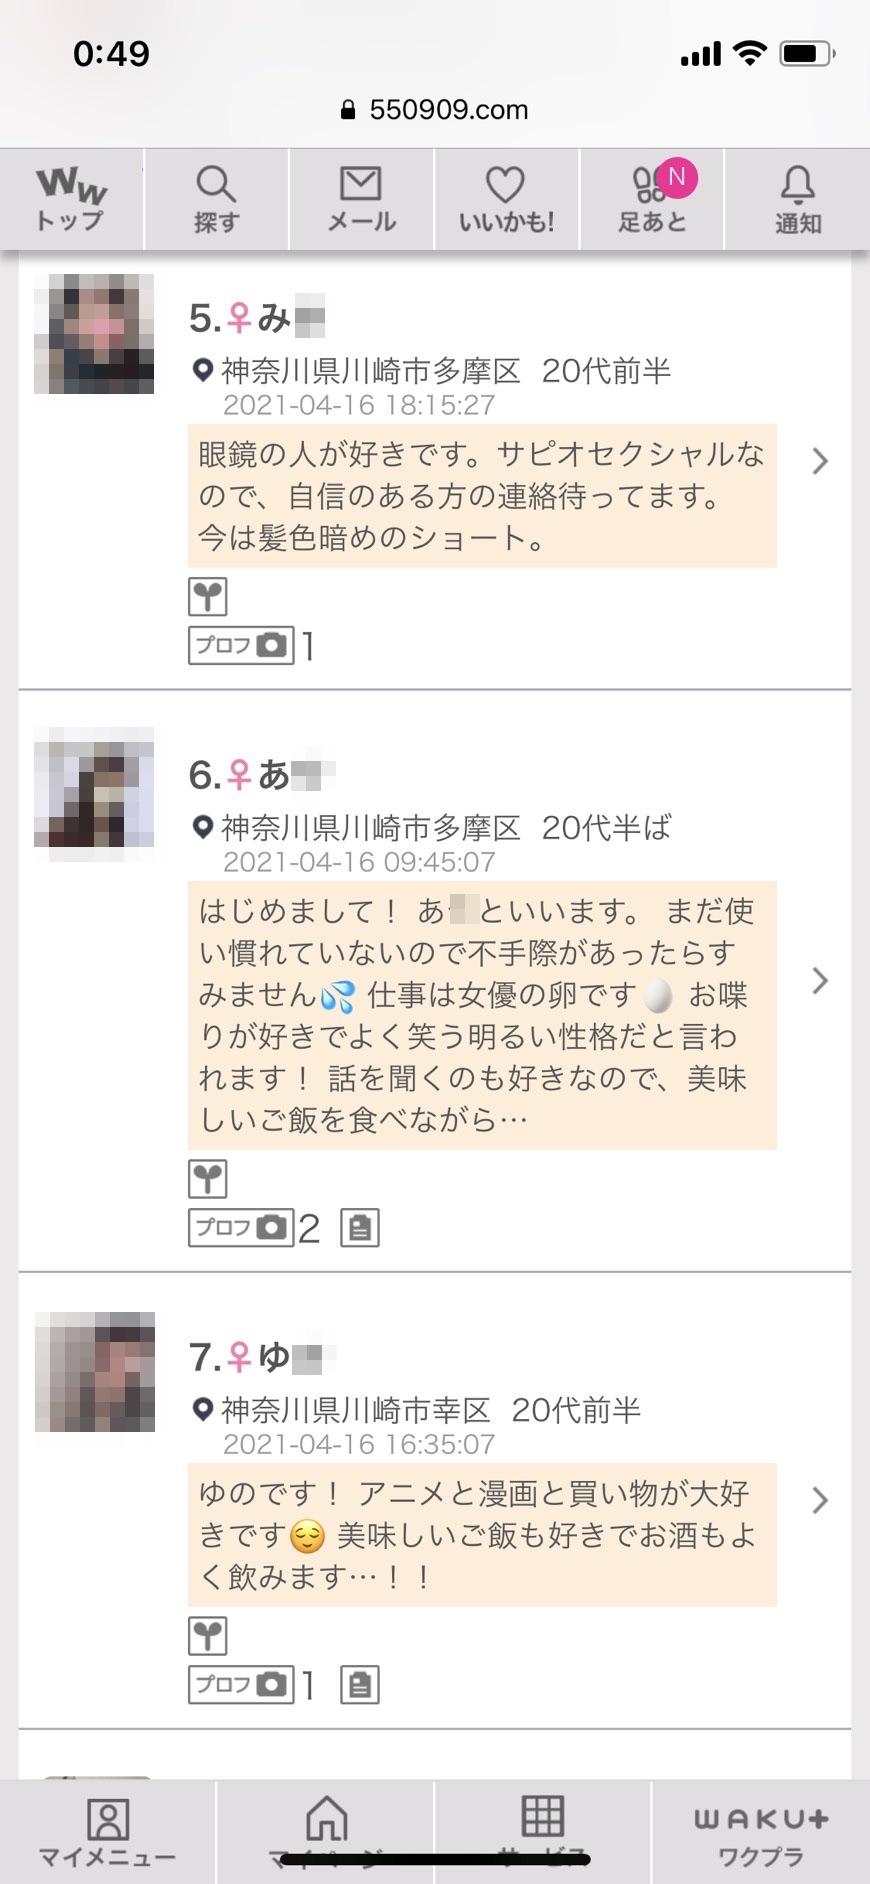 川崎・出会い希望(ワクワクメール)